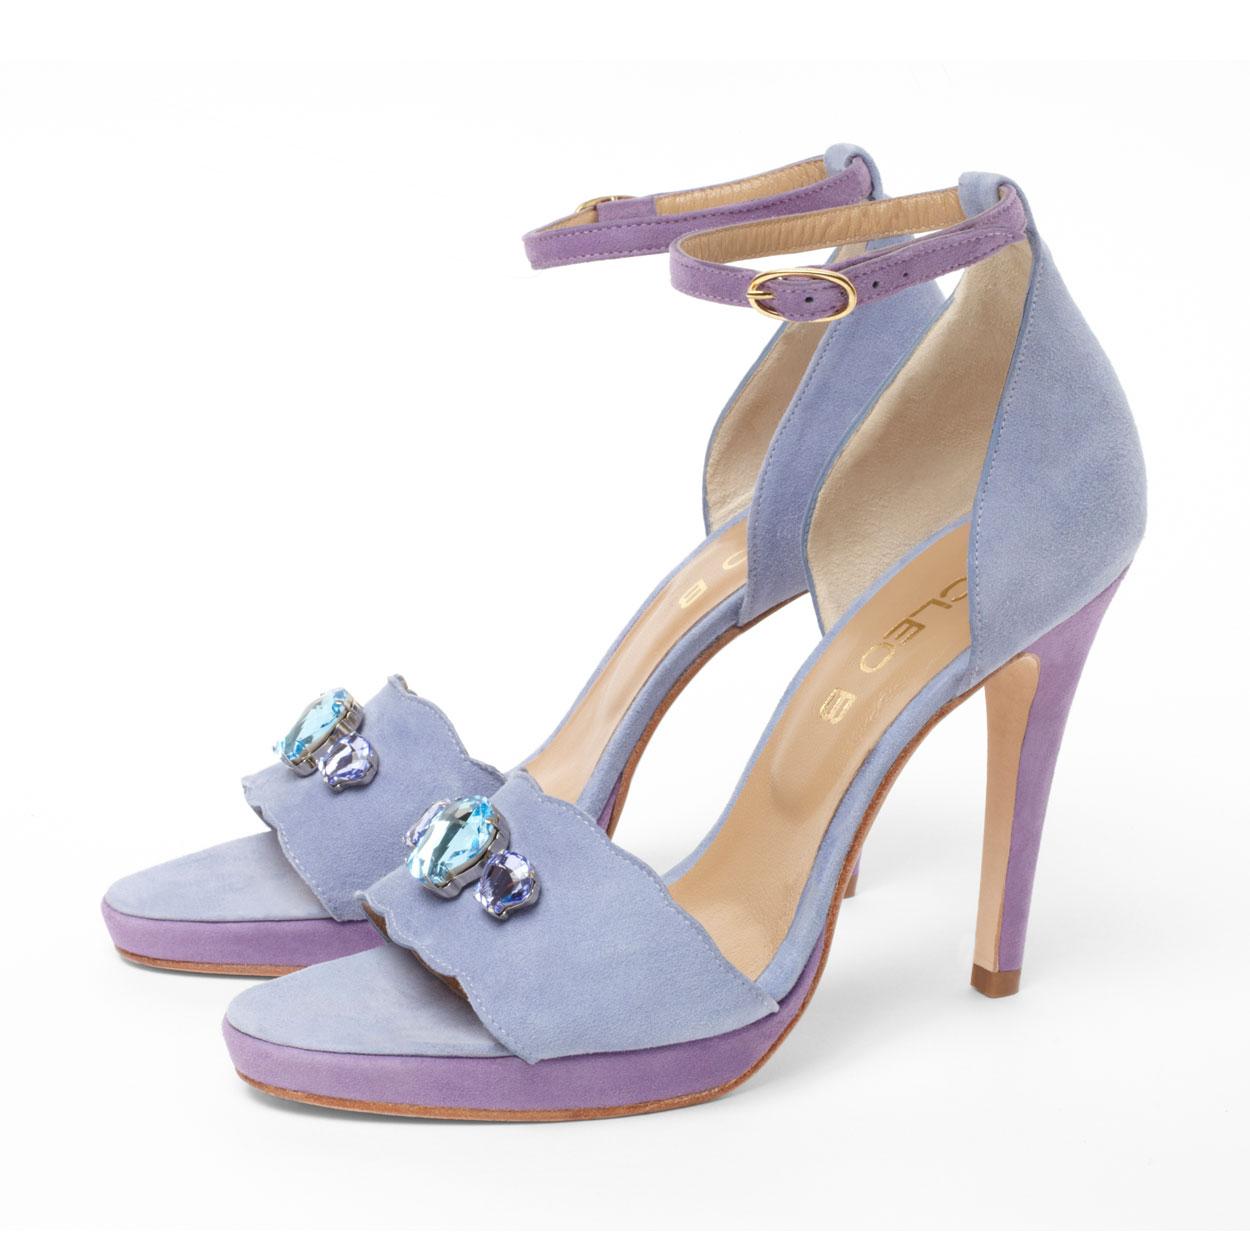 pepper-lilac-pair-shoes-heels-sandals-pastel-cleob-luxury.jpg